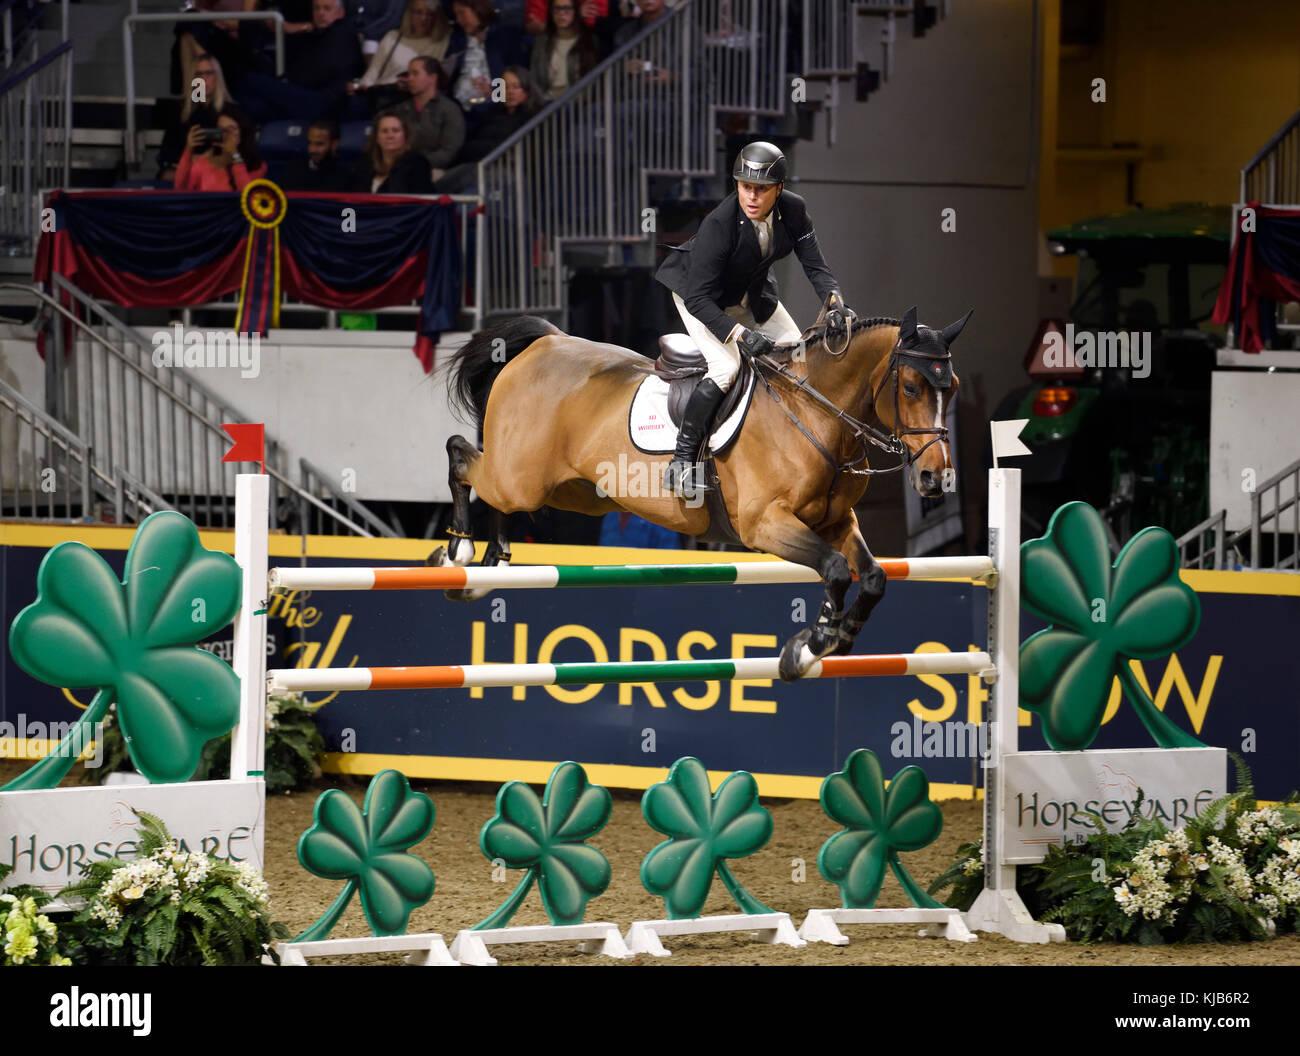 Nueva Zelandia Wordley Sharn caballo Barnetta al tercer lugar en la Copa del Mundo FEI Longines concurso hípico Imagen De Stock